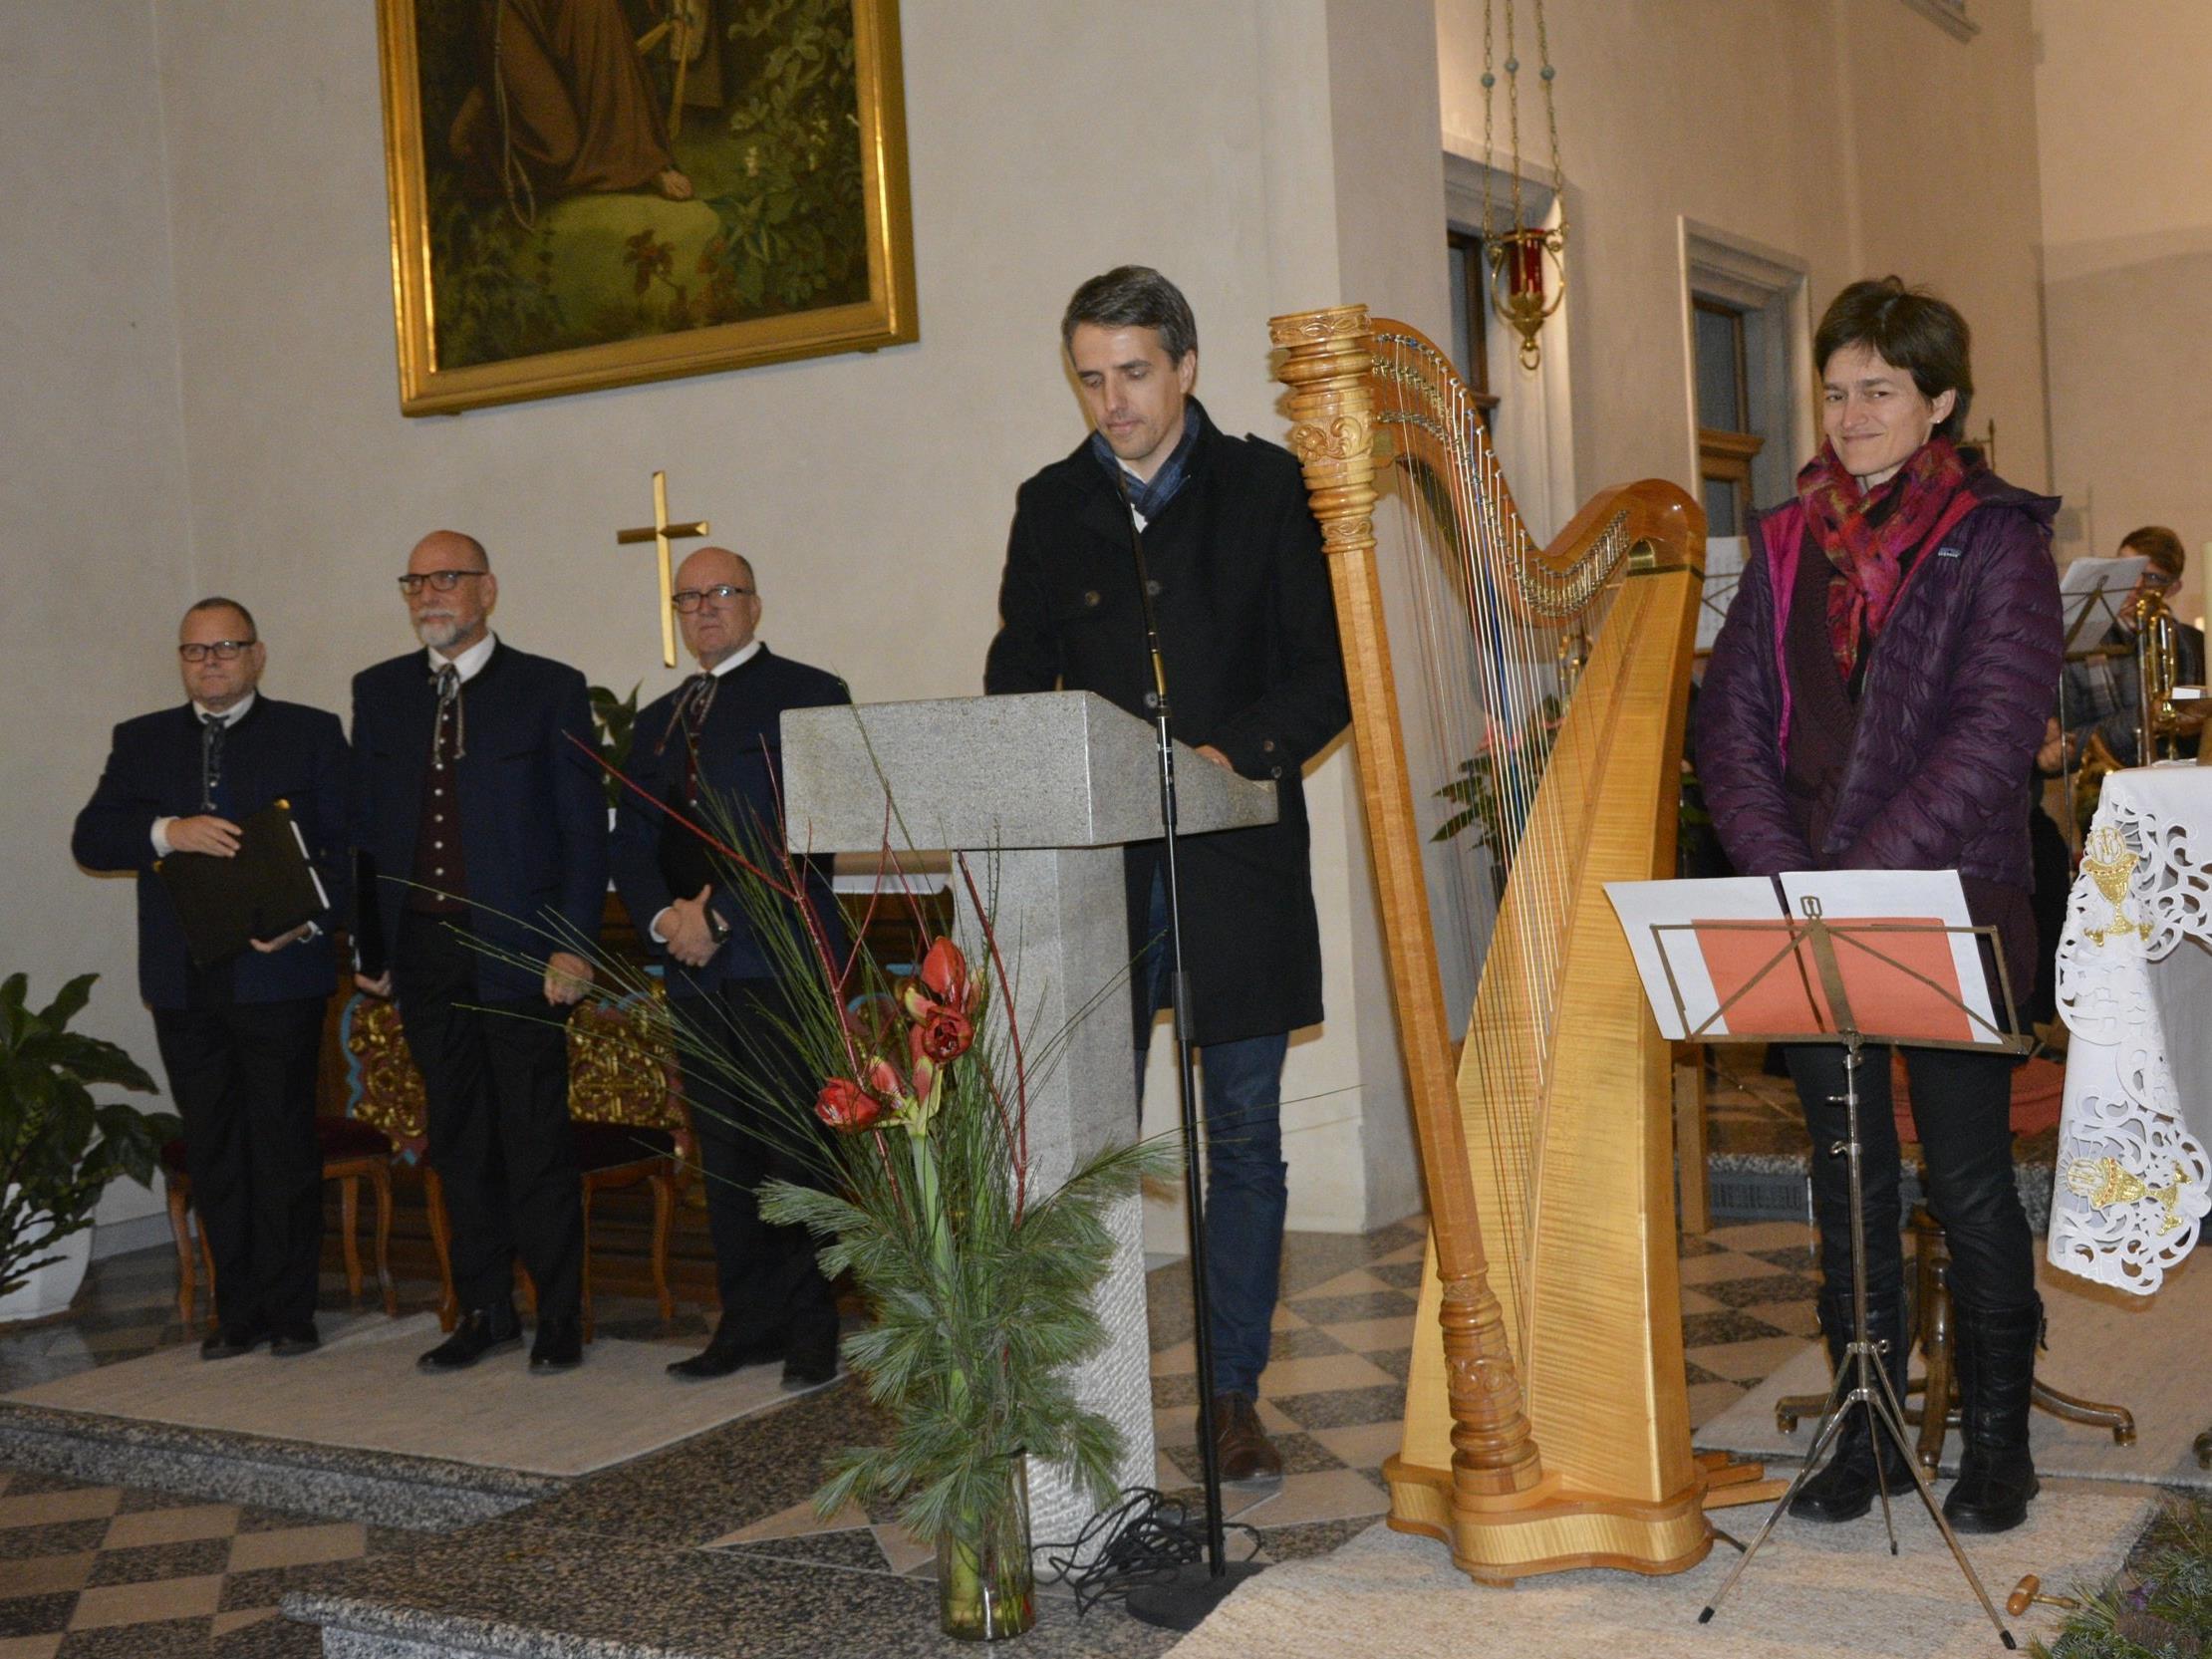 Begrüßungsauftakt durch Daniel Mutschlechner (Präsident der Rotary's Dornbirn).